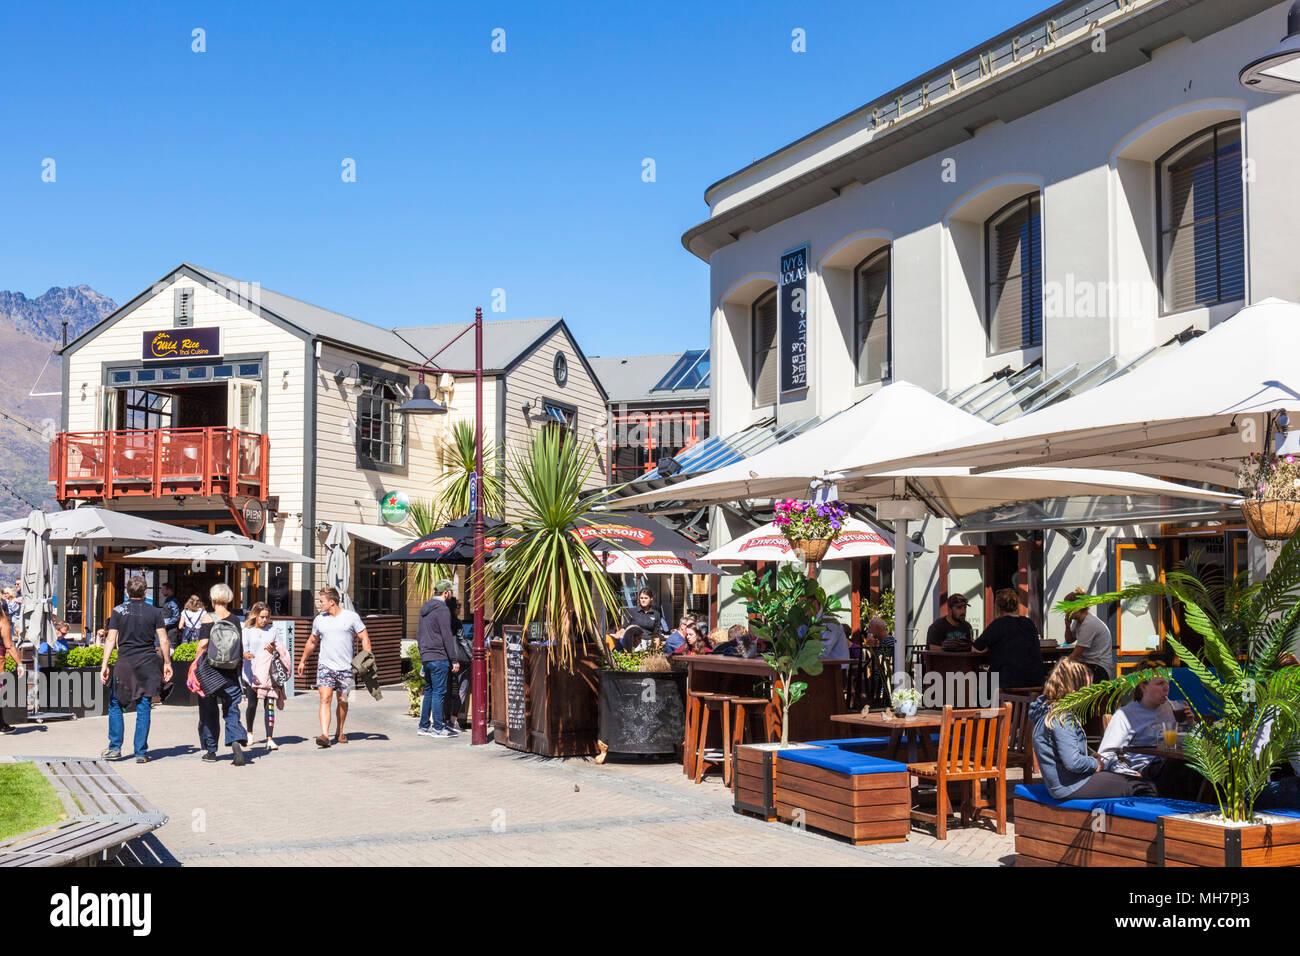 Queenstown, Isla del Sur, Nueva Zelanda bares Ivy y Lola's y pier restaurant en la costa cerca de vaporera quay centro de Queenstown, Nueva Zelanda Nueva Zelanda Imagen De Stock